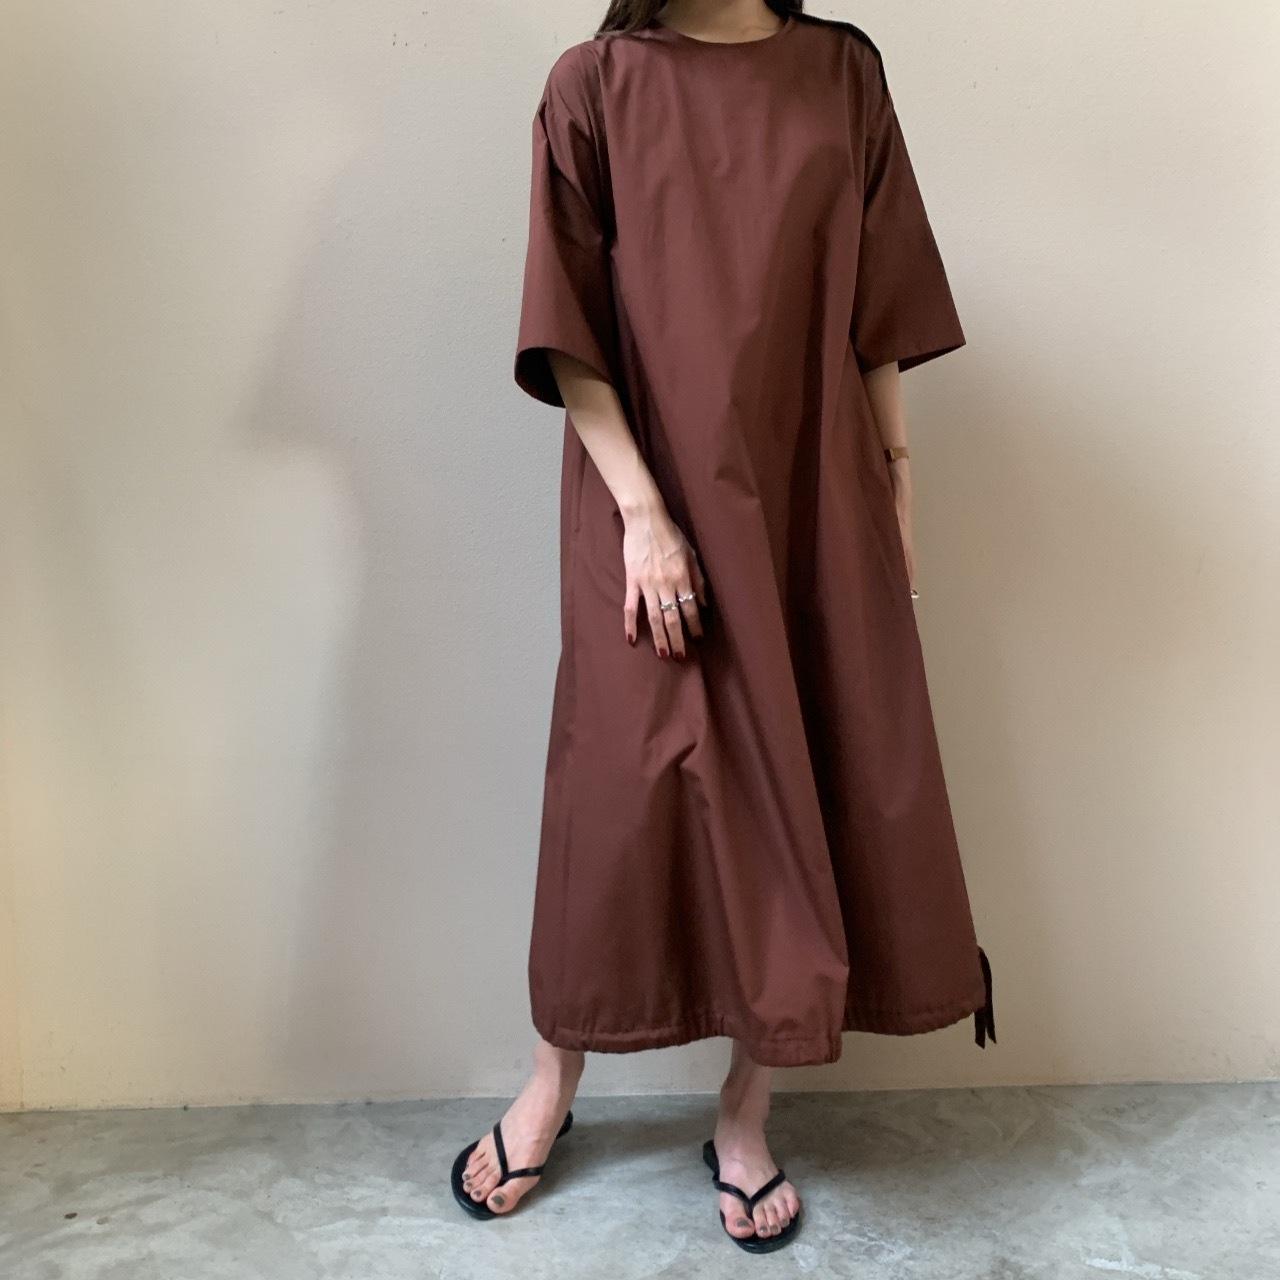 ELIN - Drawstring hem dress